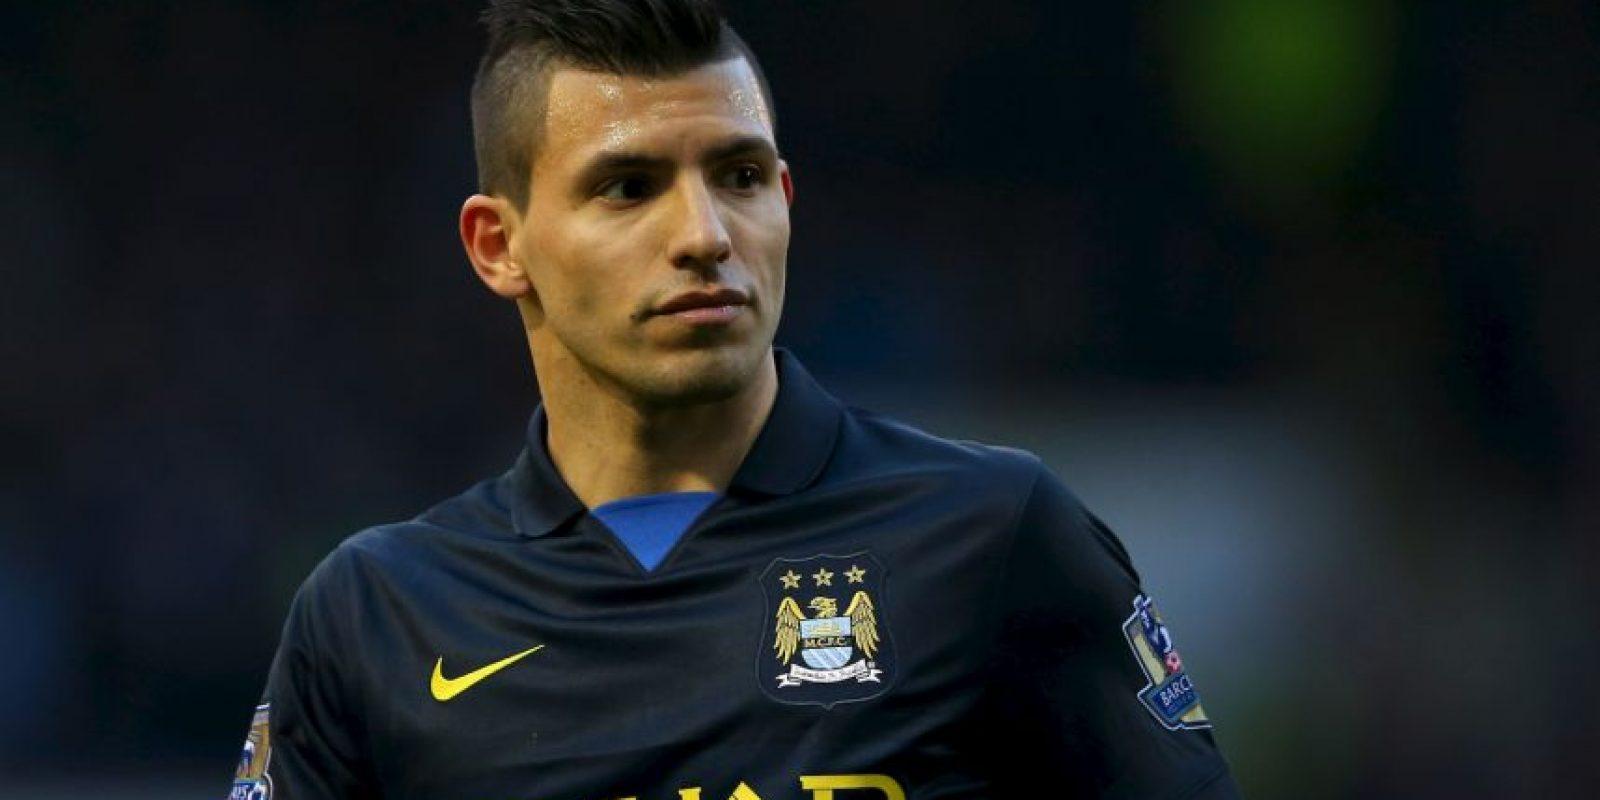 """Otro latino destacado. El """"Kun"""", atacante del Manchester City también ha tenido éxito con la venta de sus camisetas. Foto:Getty Images"""